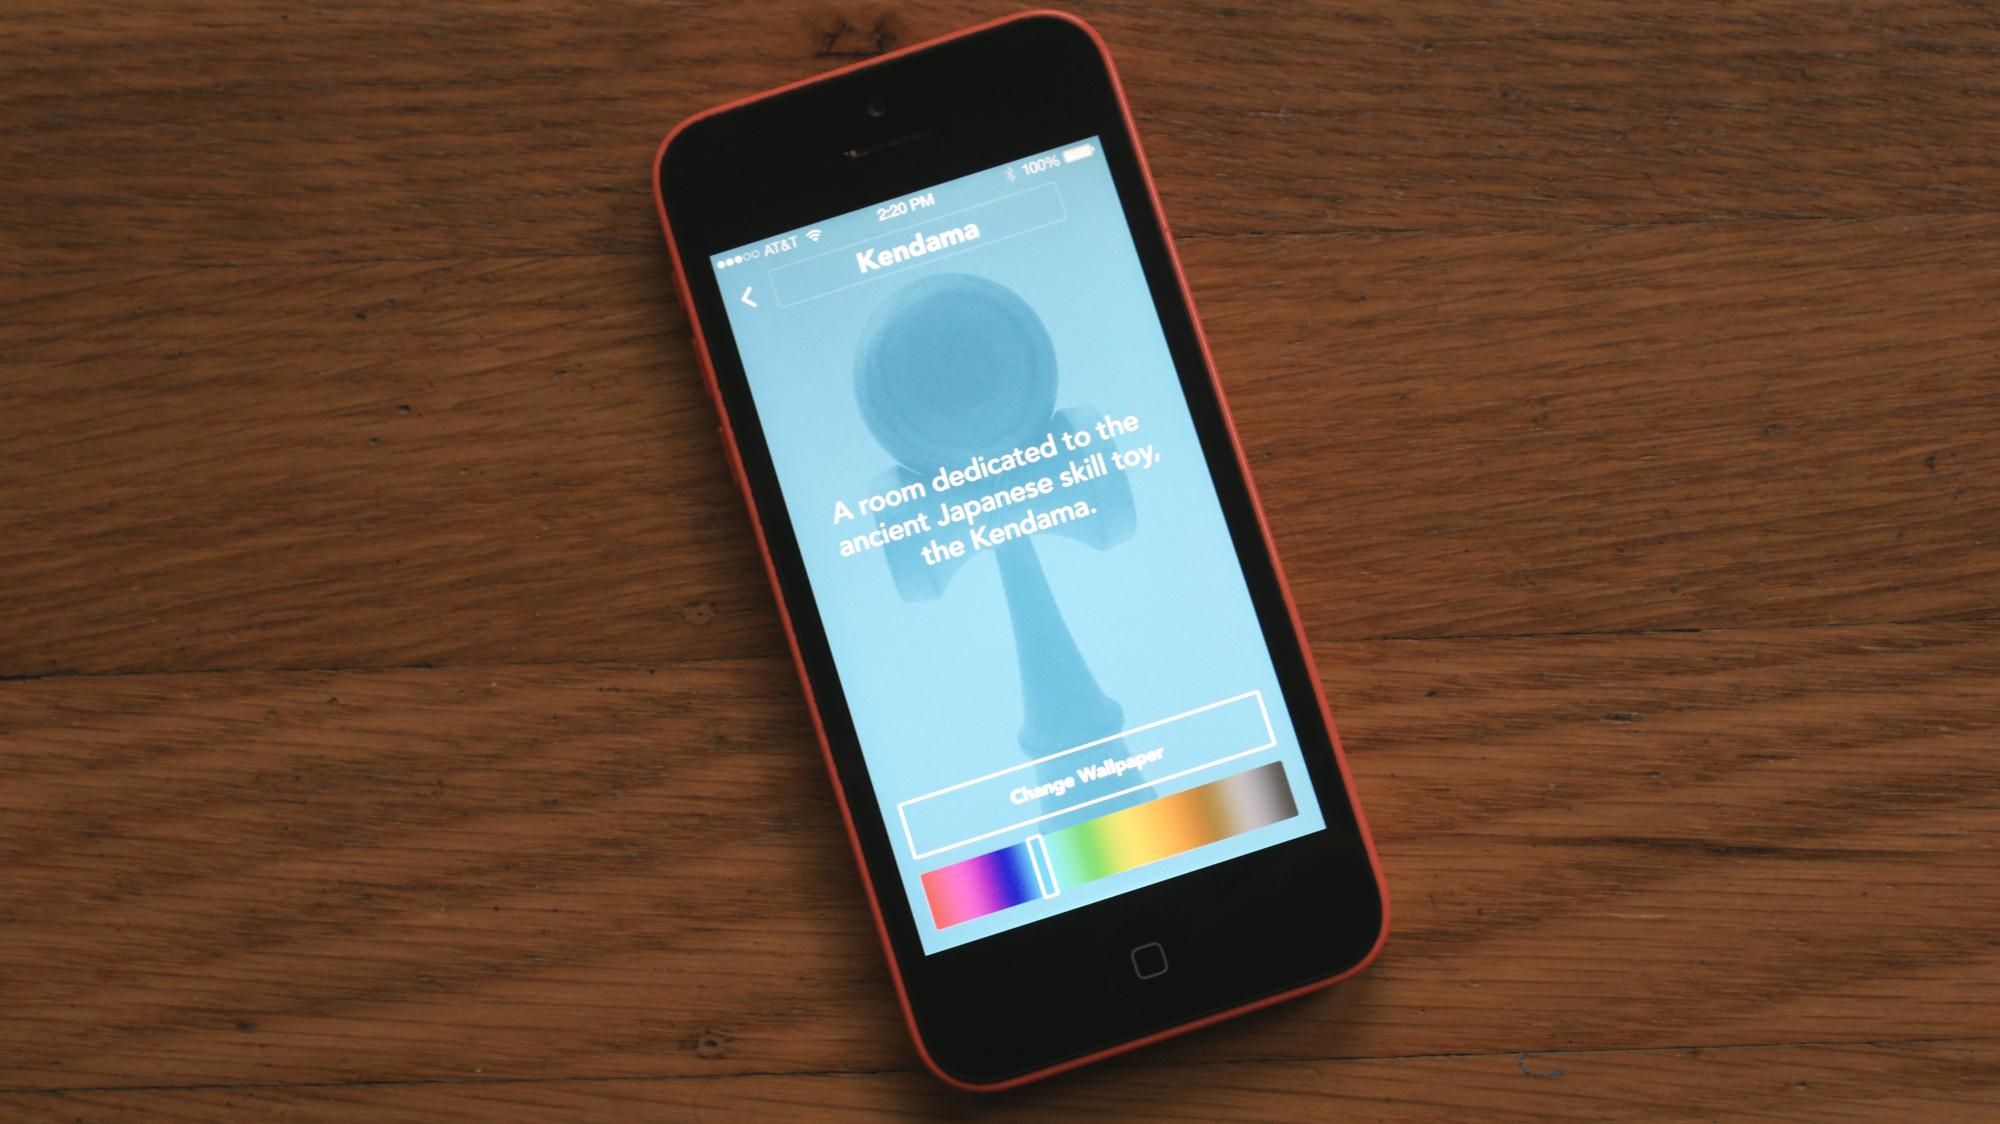 Facebook built a forum platform for your smartphone inside ...